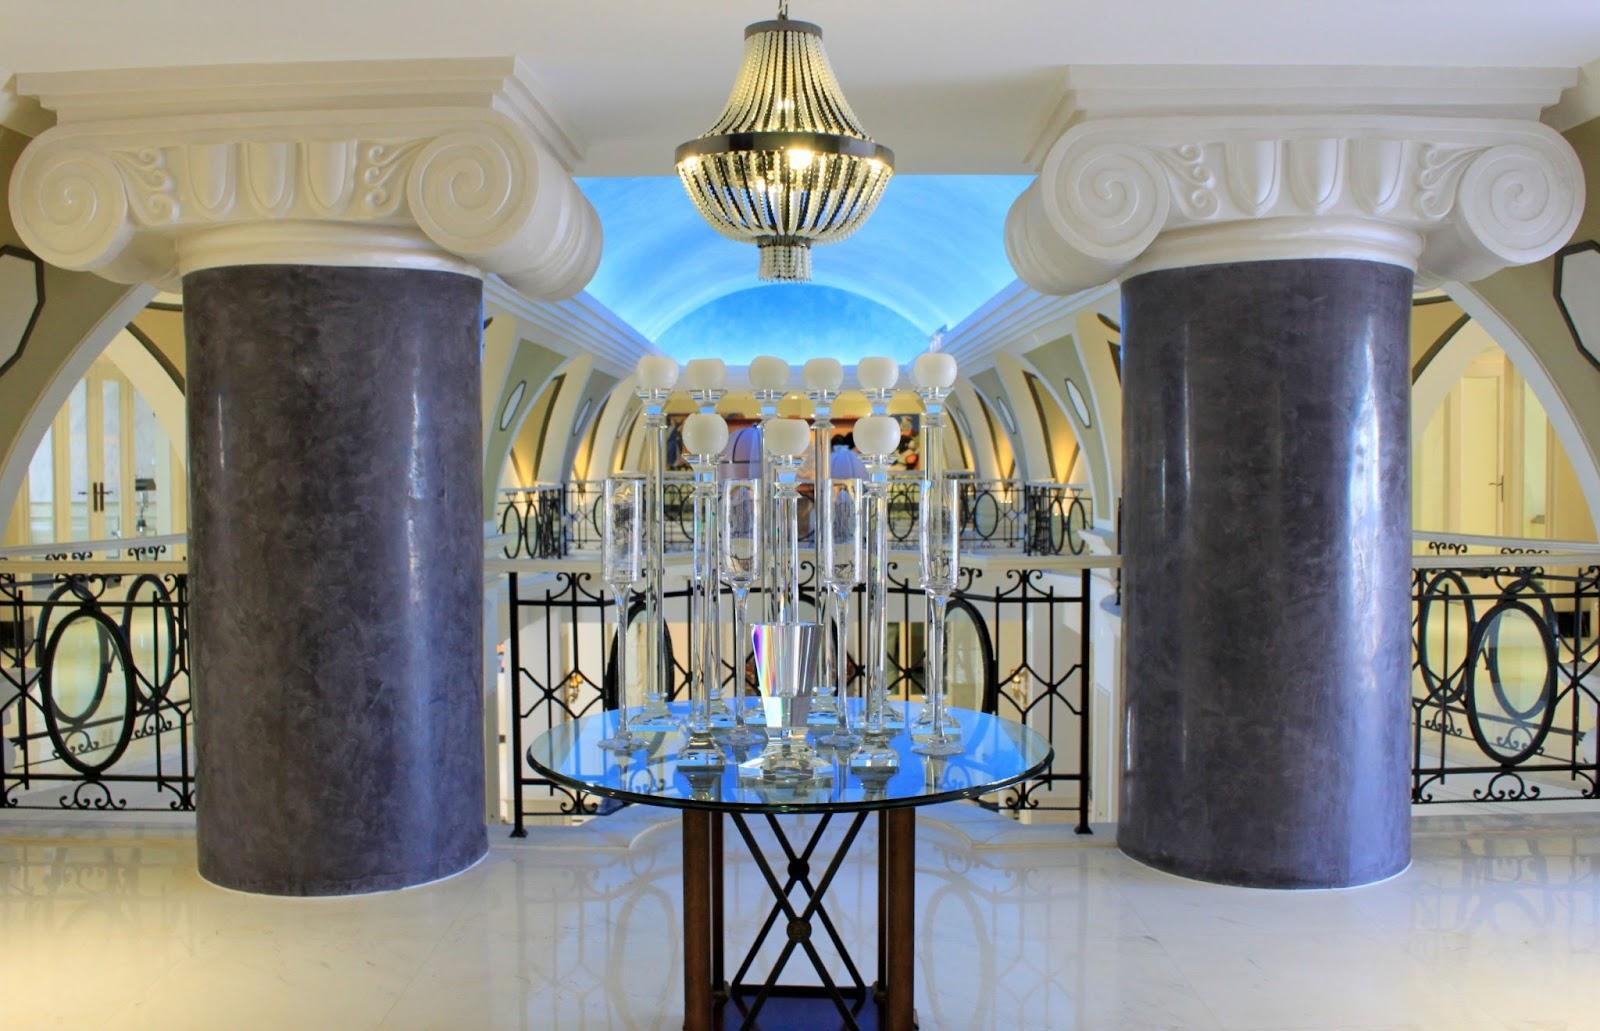 Sơn hiệu ứng Waldo-Sơn hiệu ứng Marble Venetian dành cho thiết kế khách sạn